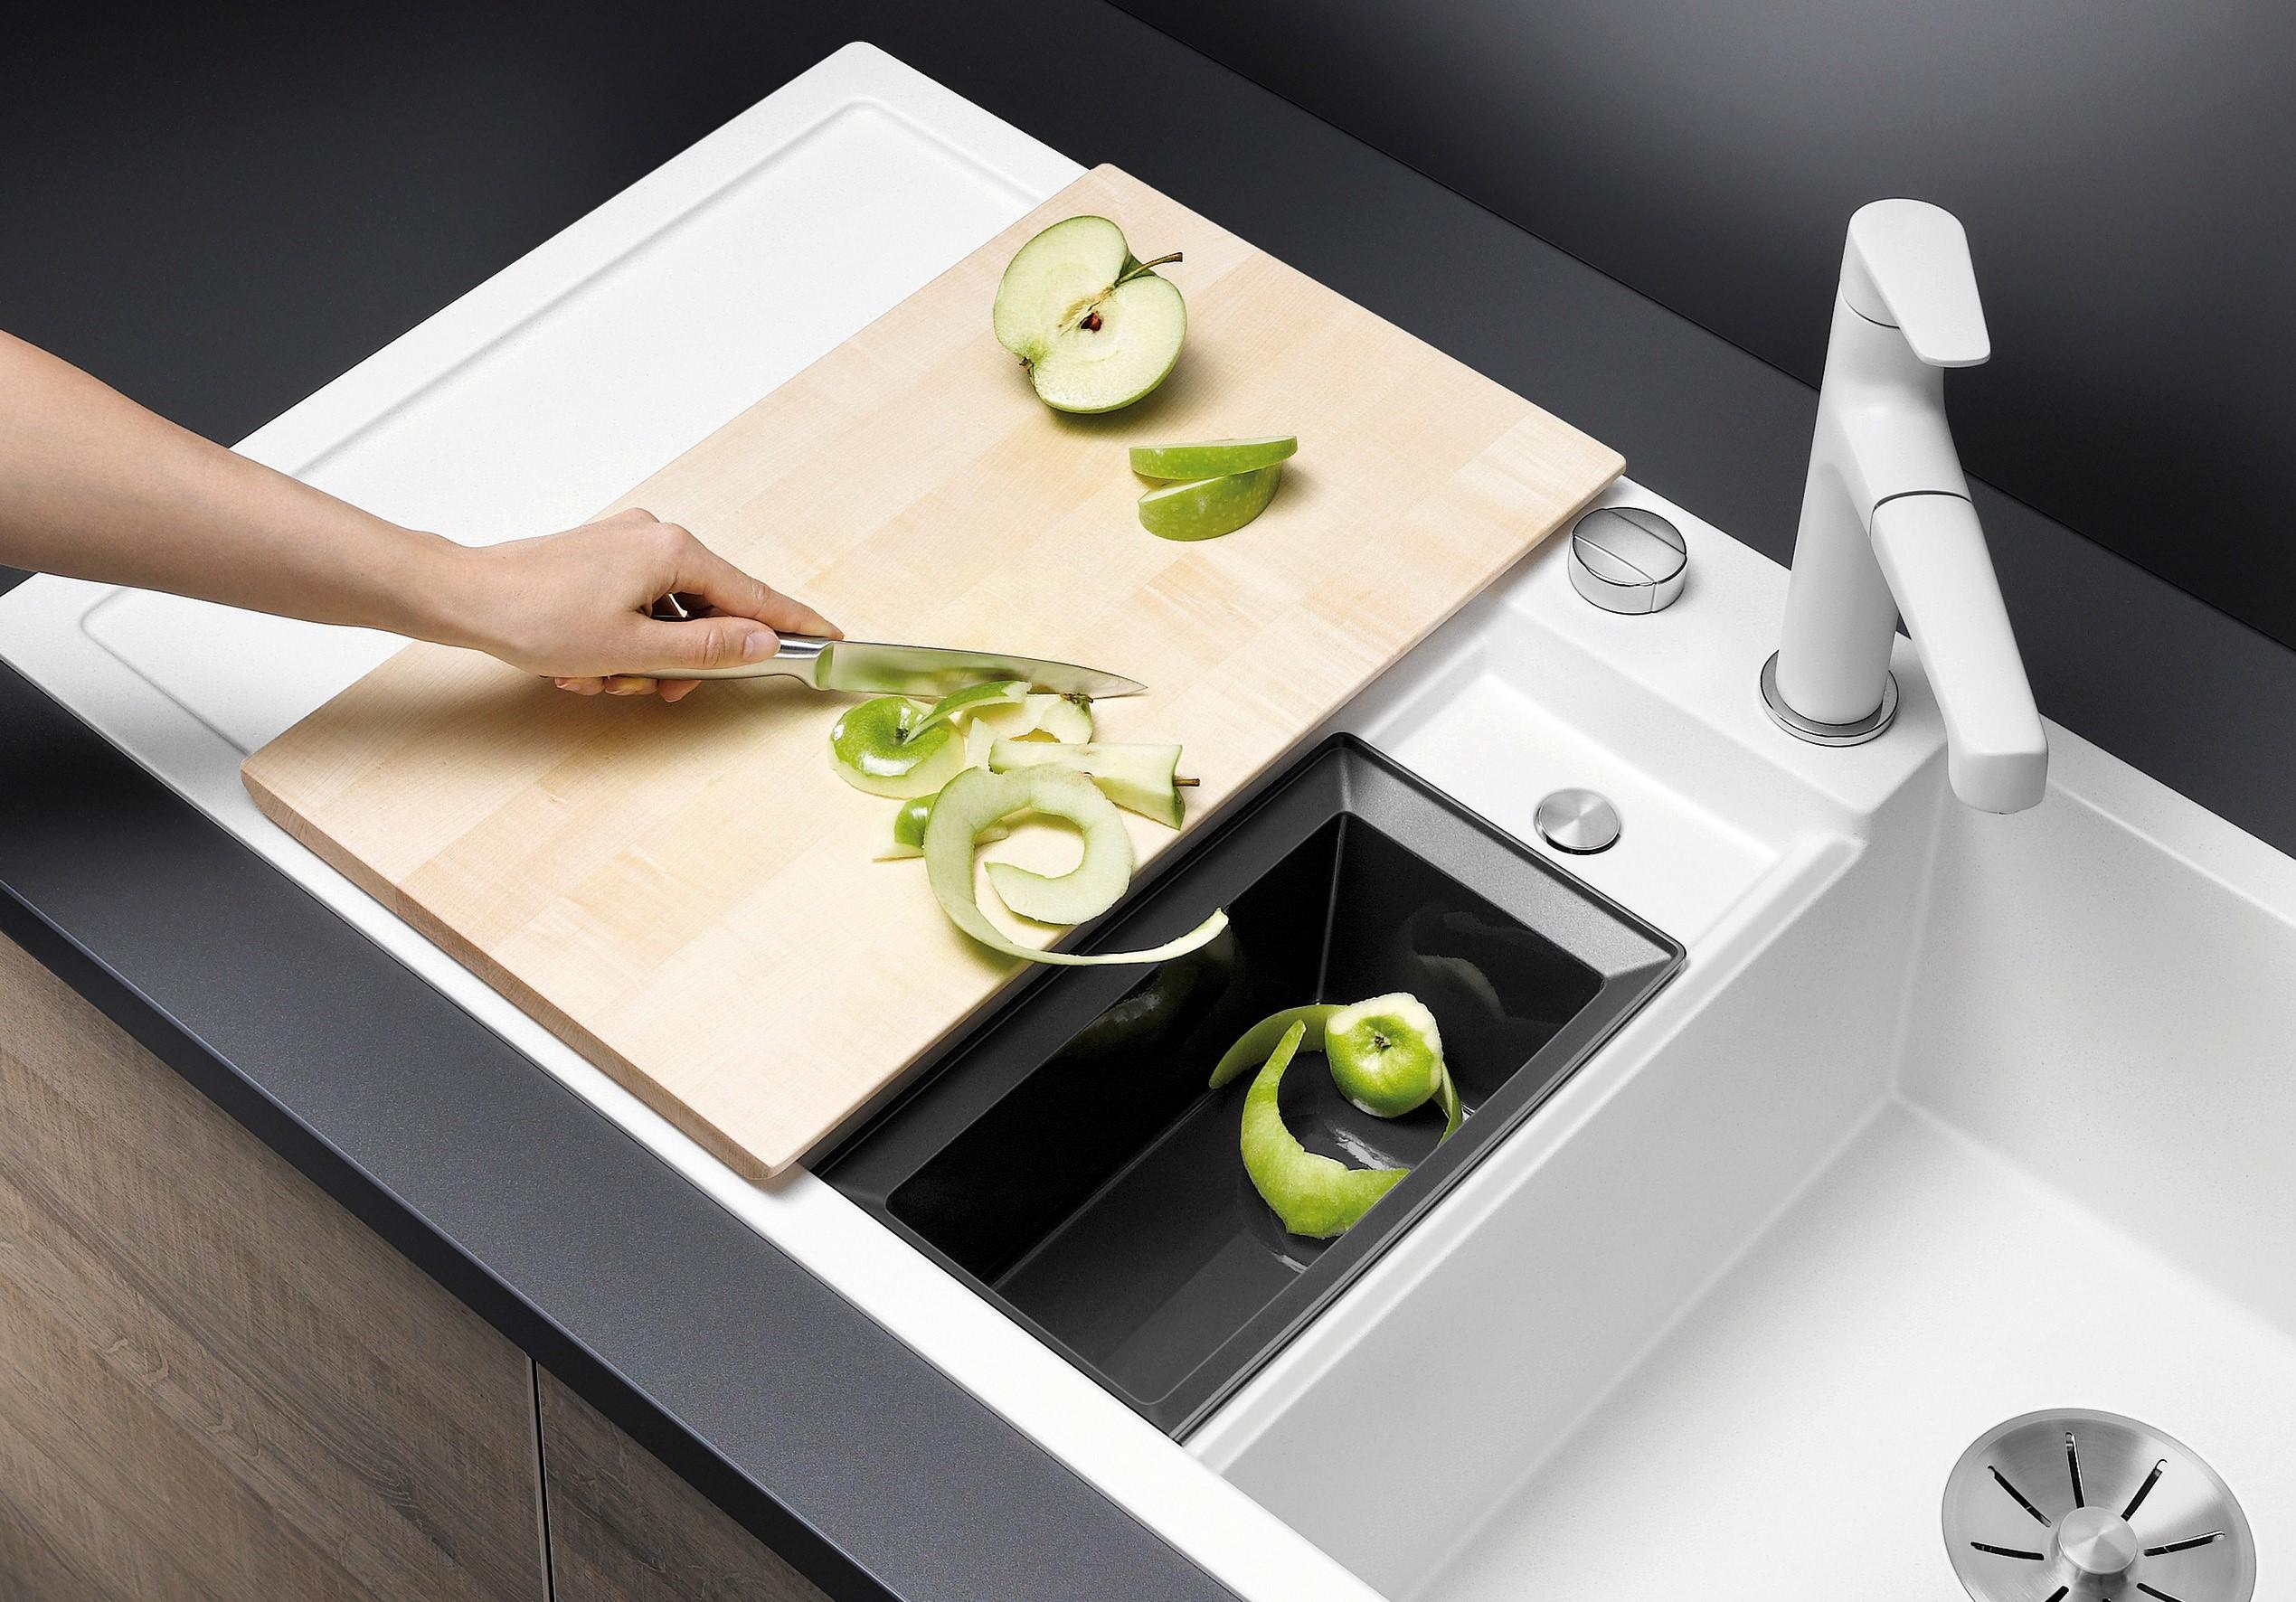 Großartig Farbige Porzellan Küchenspülen Bilder - Ideen Für Die ...